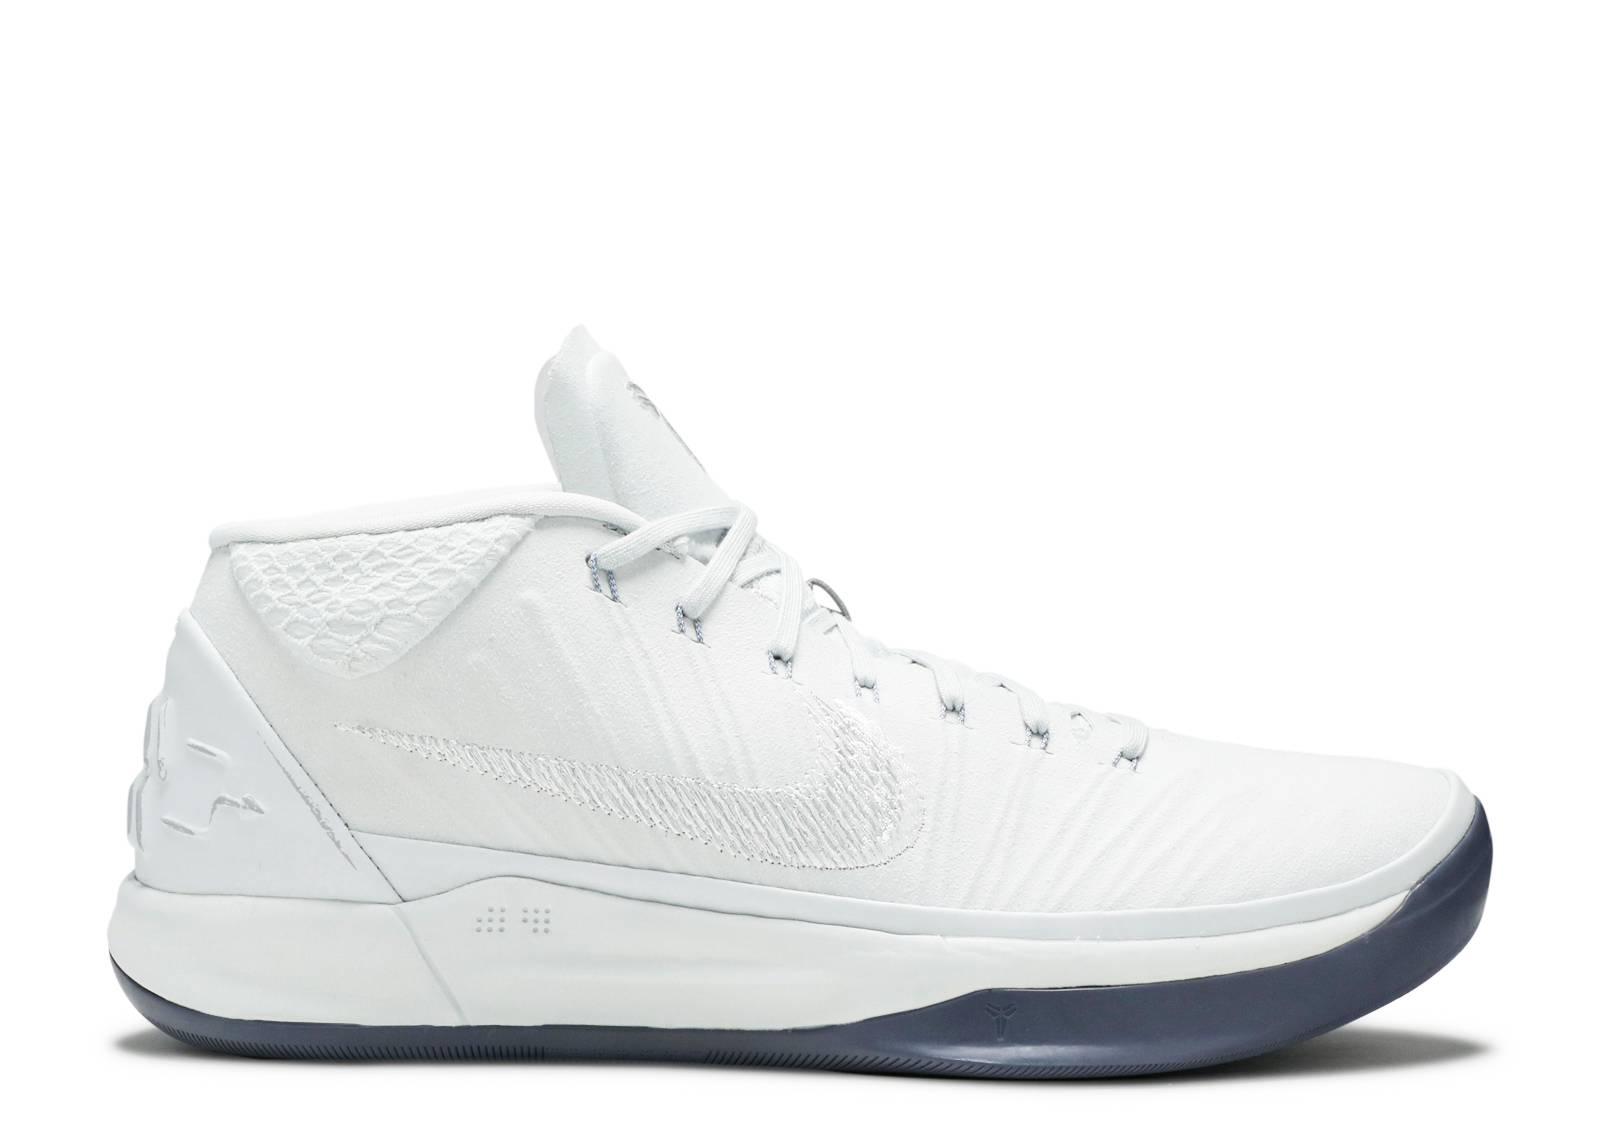 b38eb2e60a1b Kobe Bryant - Nike Basketball - Nike